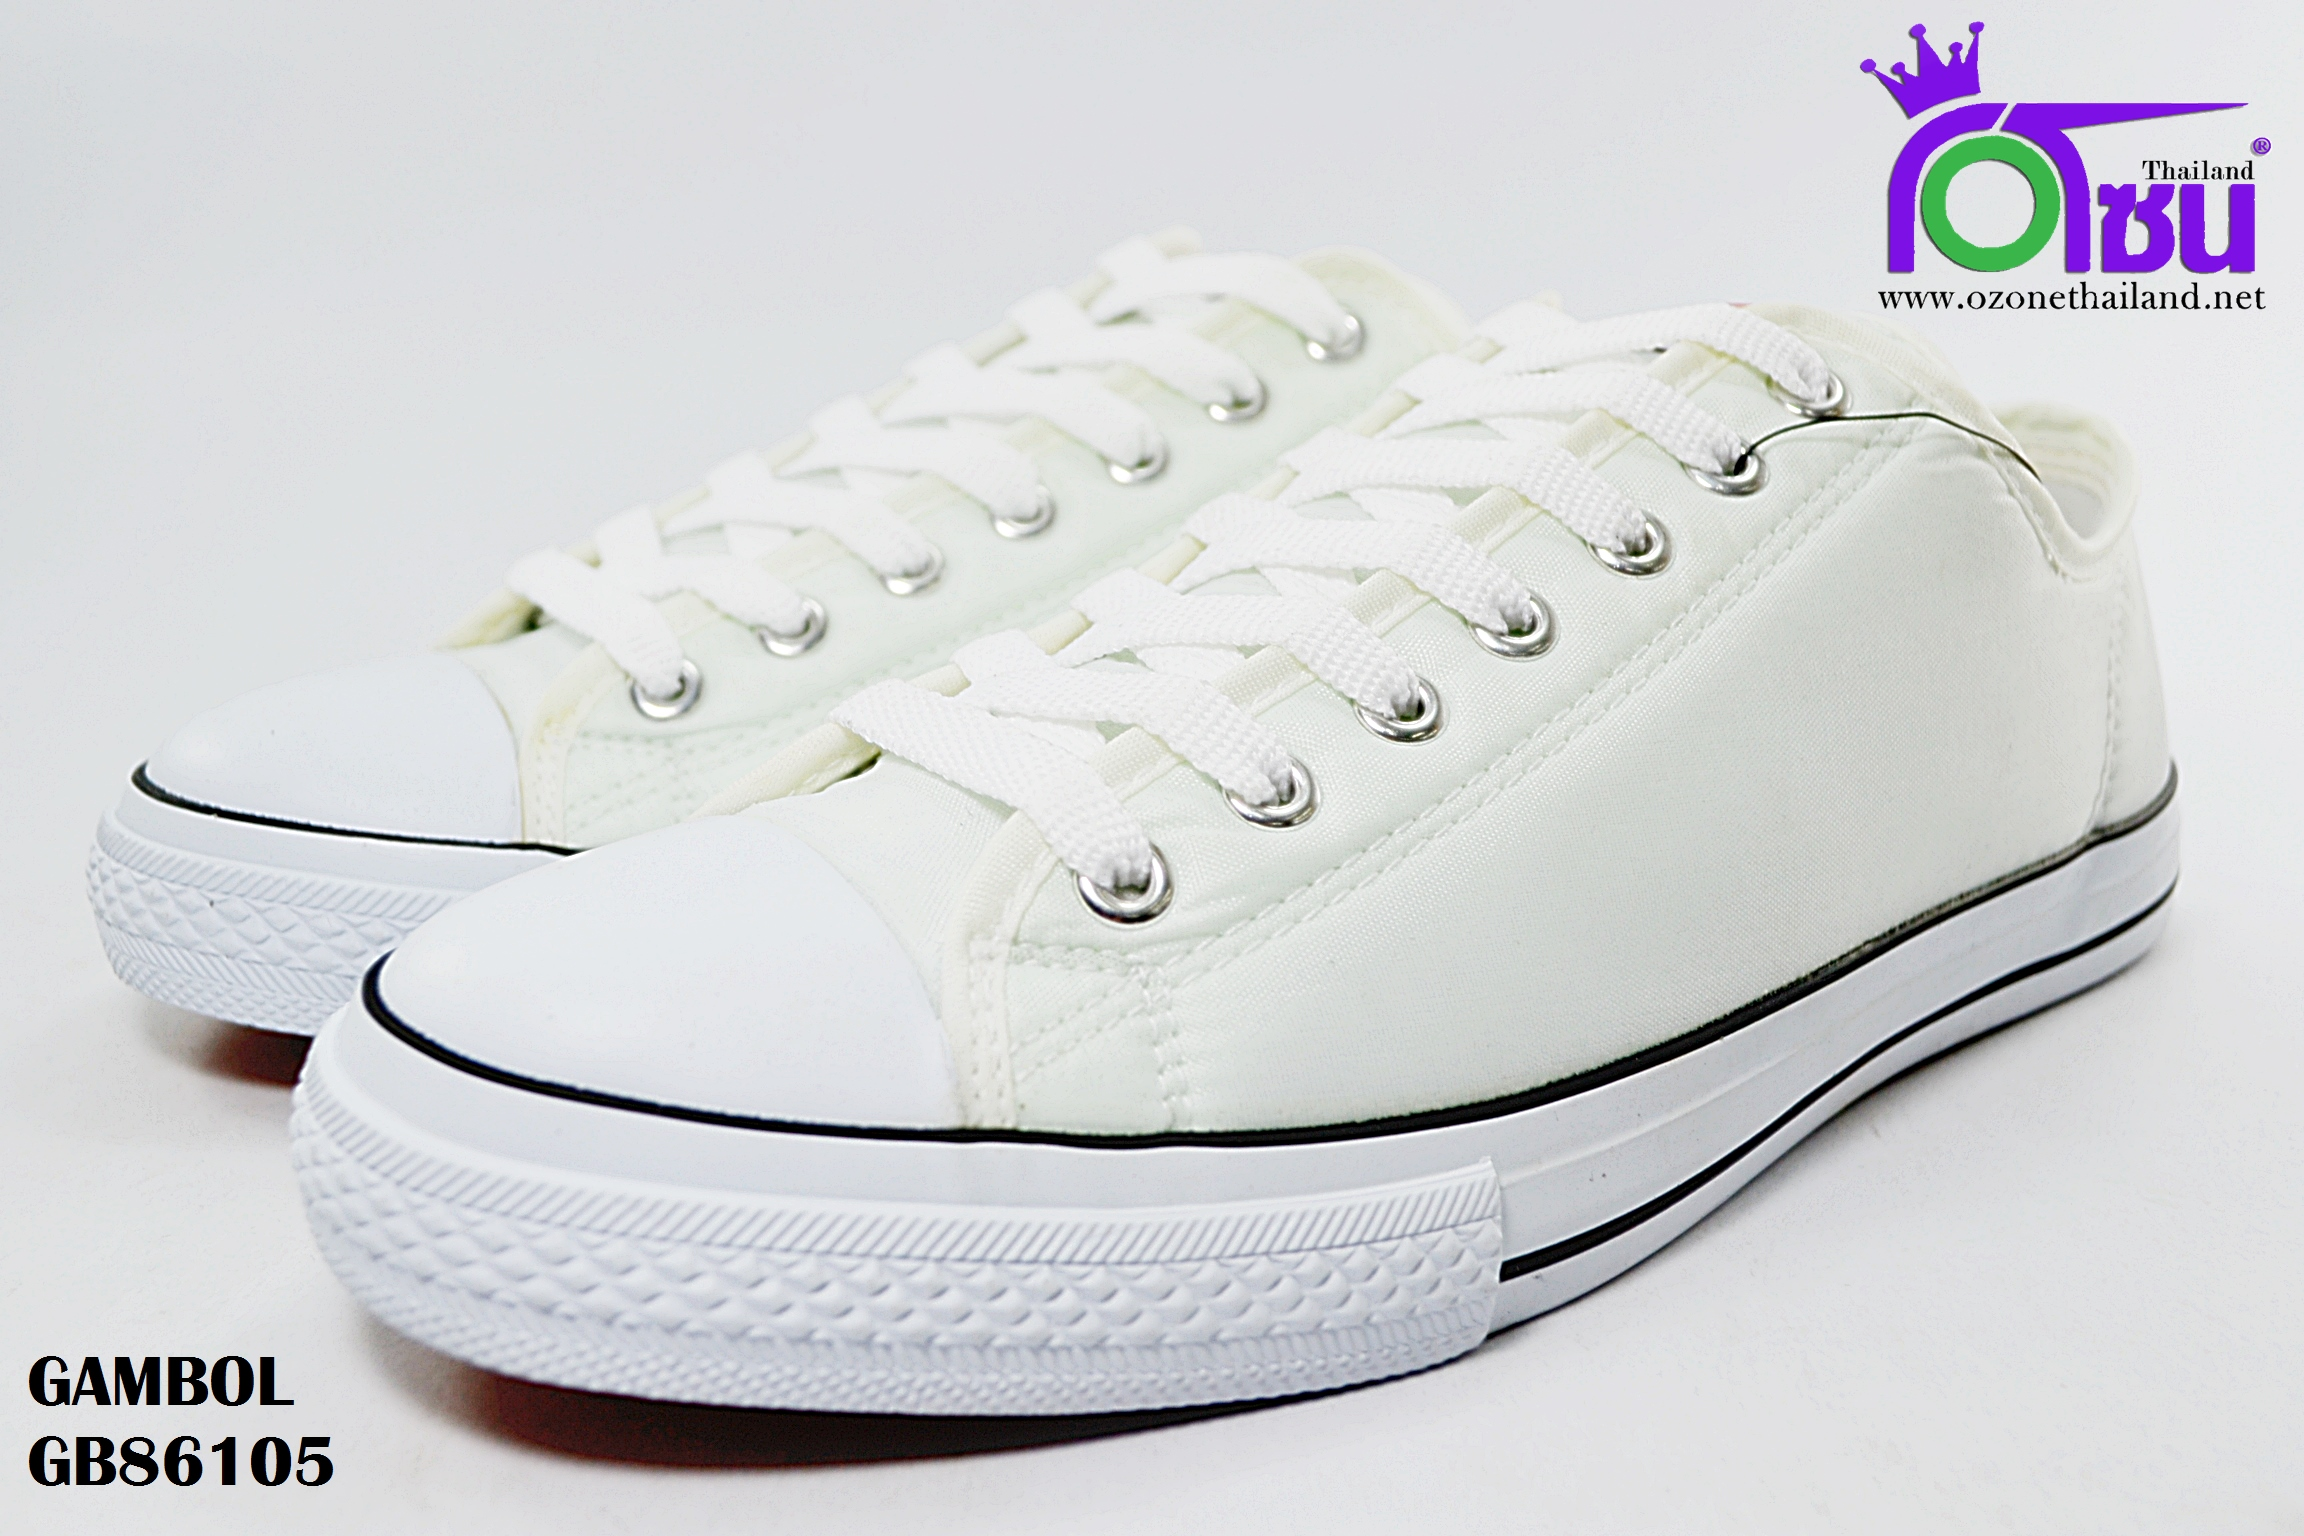 รองเท้าผ้าใบ GAMBOL แกมโบล BG86105 สี ขาว